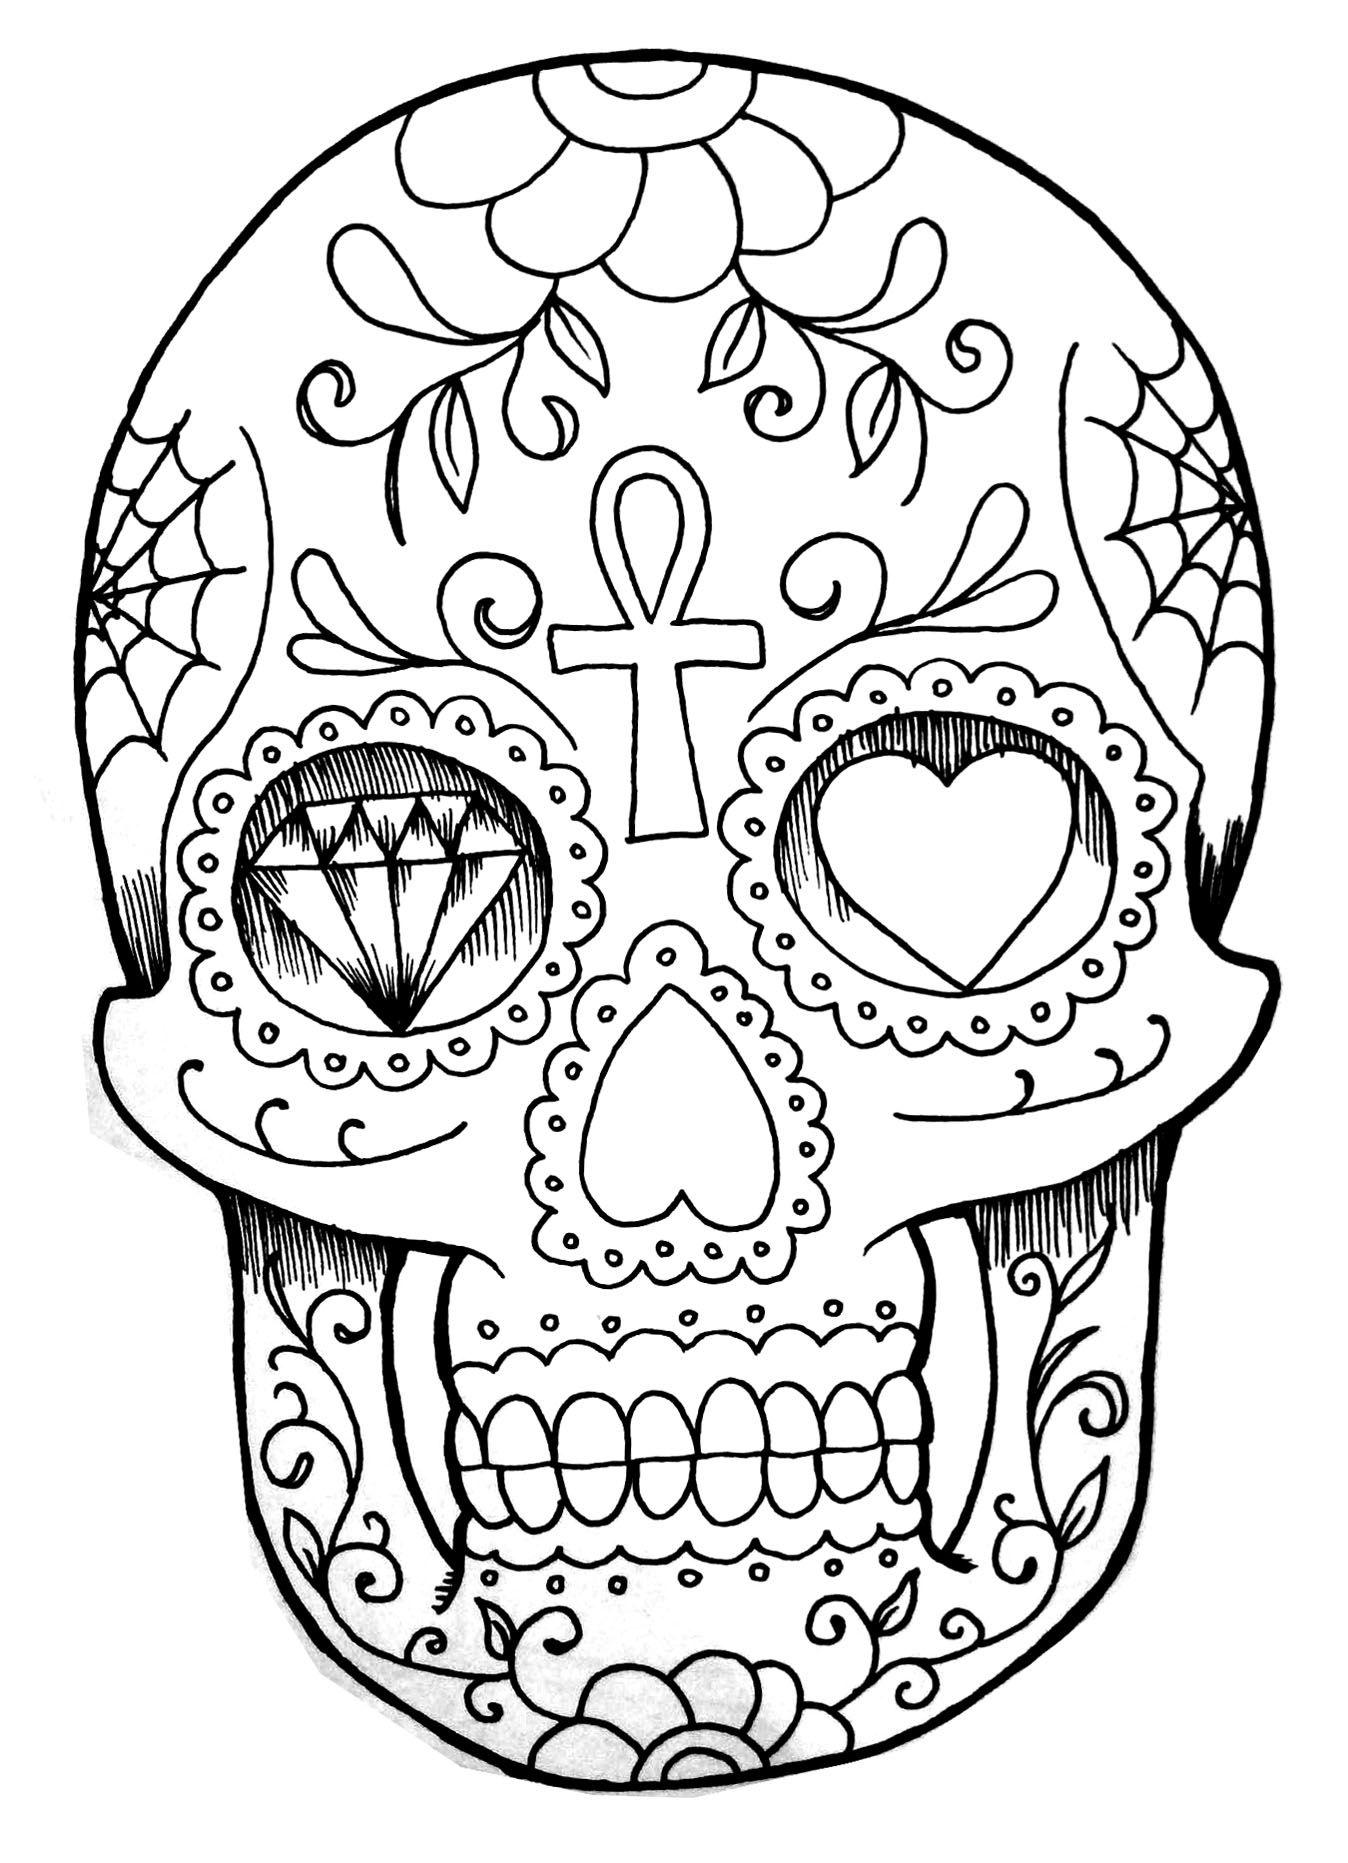 Pour imprimer ce coloriage gratuit coloriage tatoo crane cliquez sur l